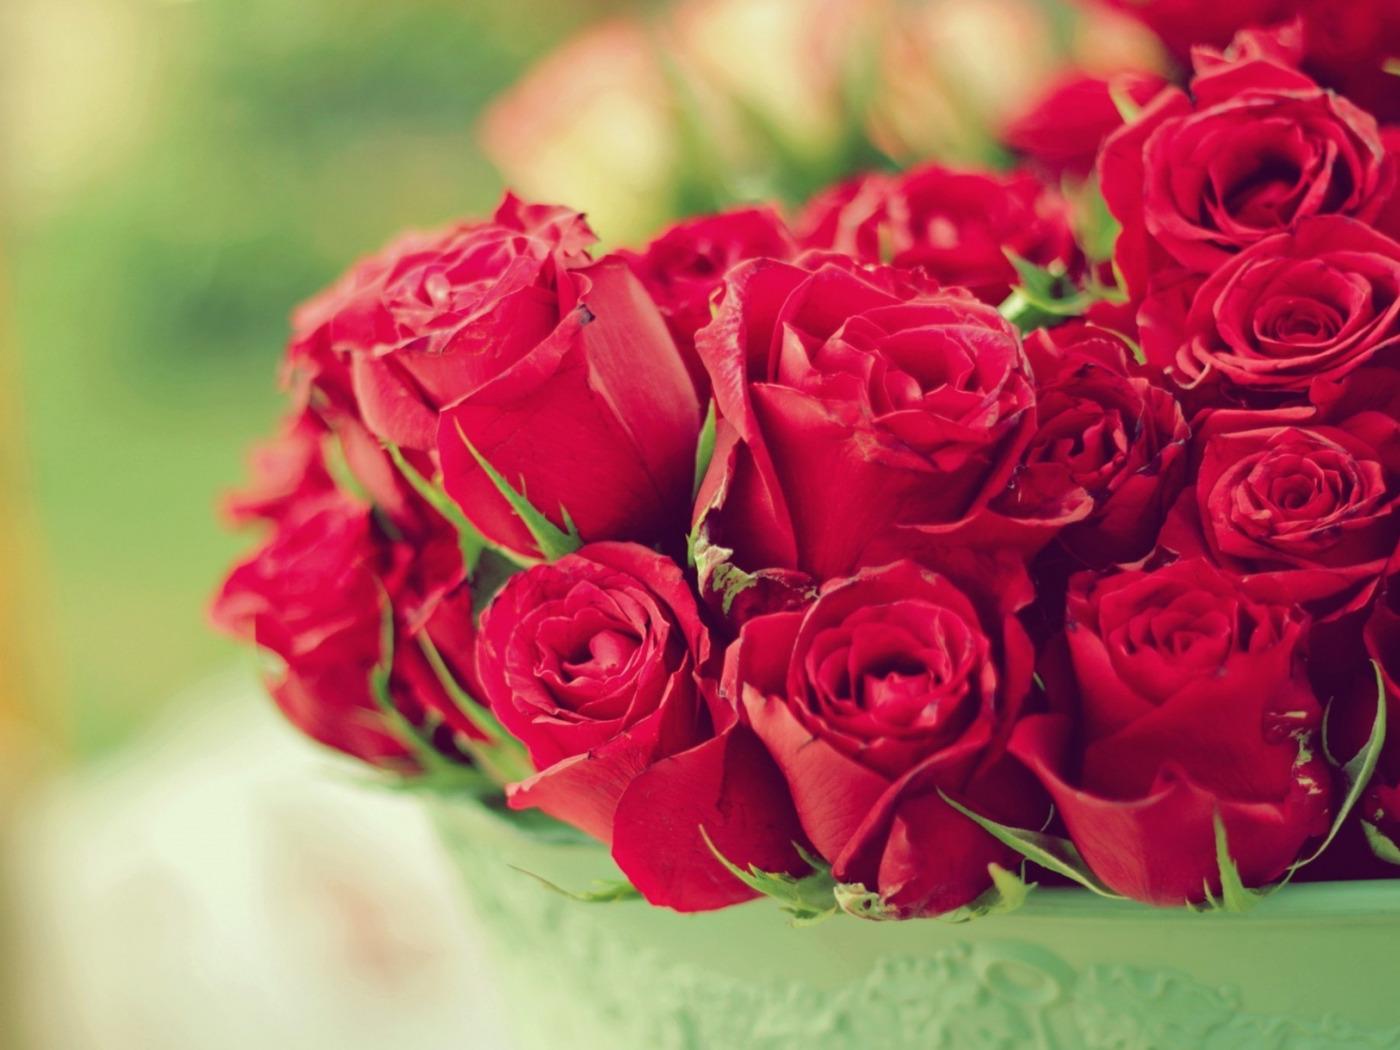 Открытки самой милой самой красивой самой доброй самой хорошей